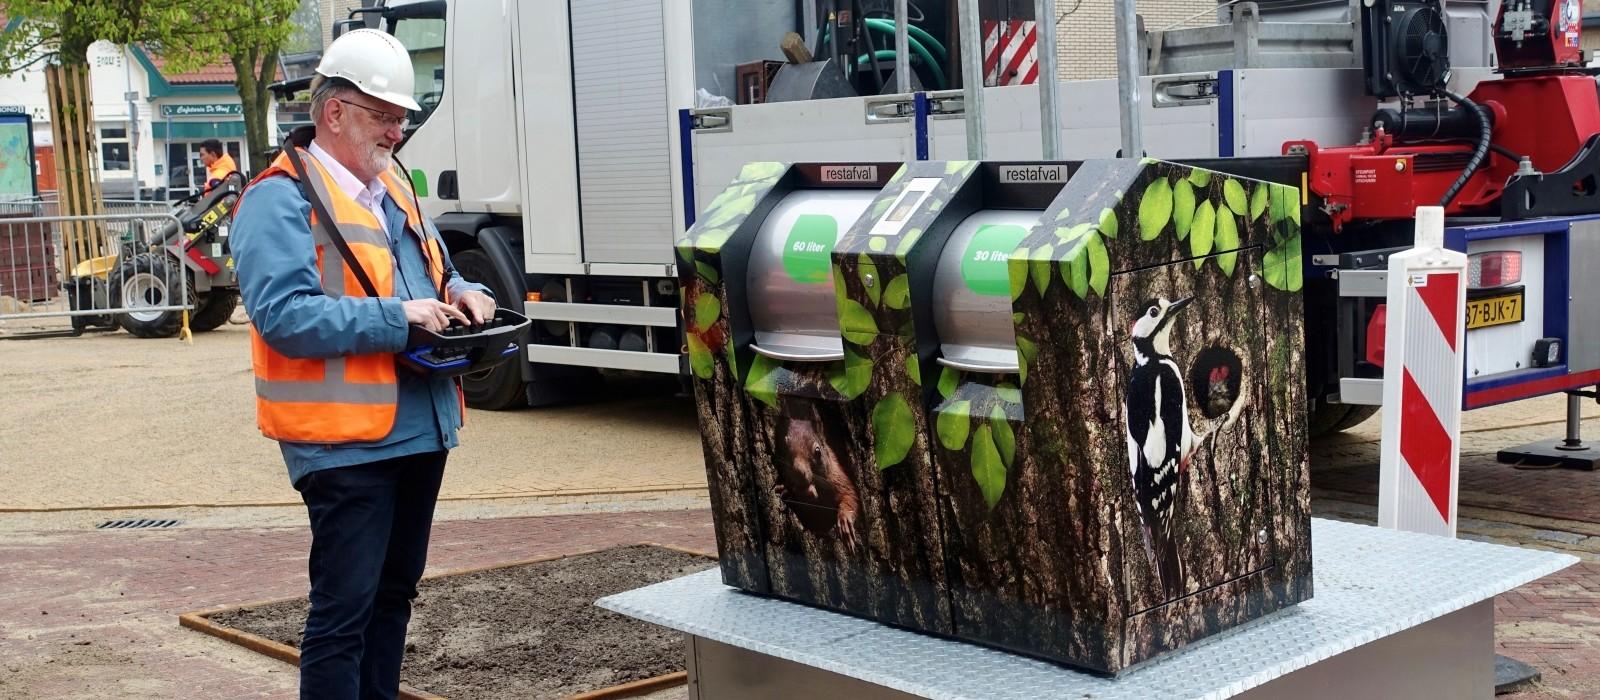 De mooiste container van heel Nederland staat in Vaassen